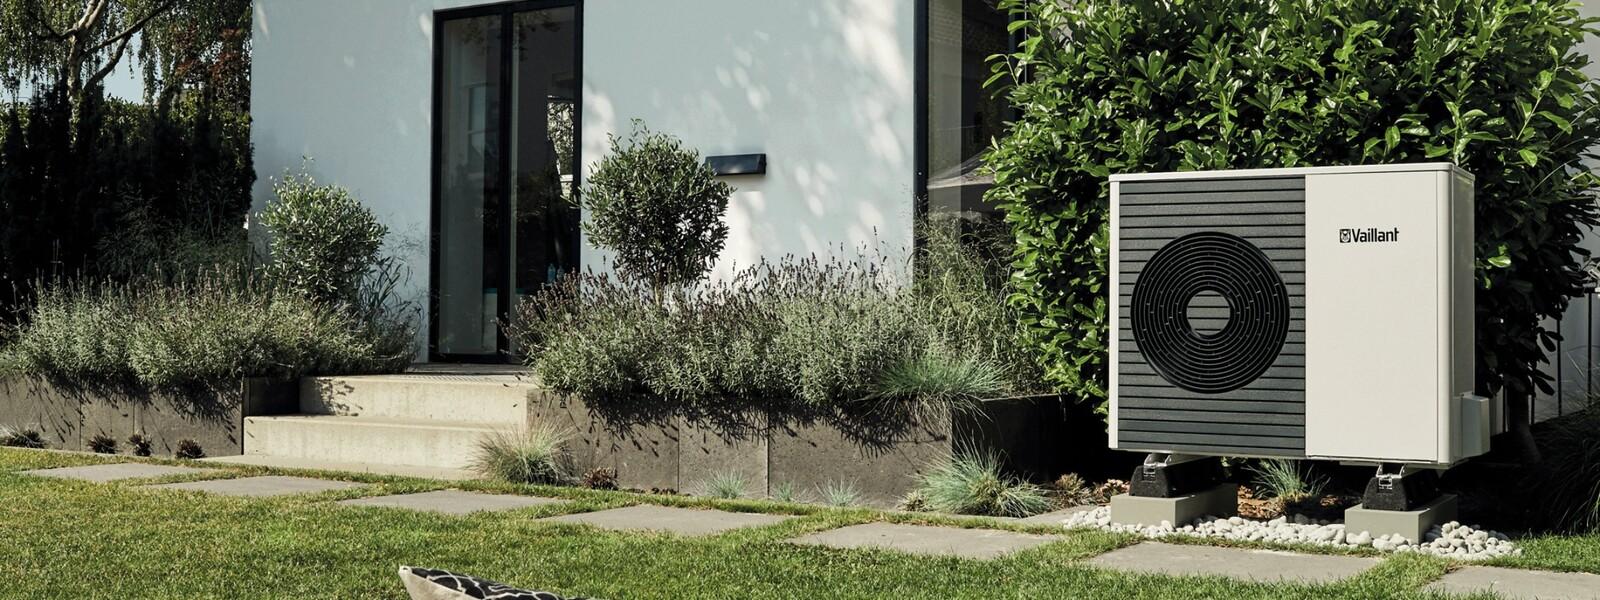 Unidad exterior aroTHERM split en el jardín de una casa